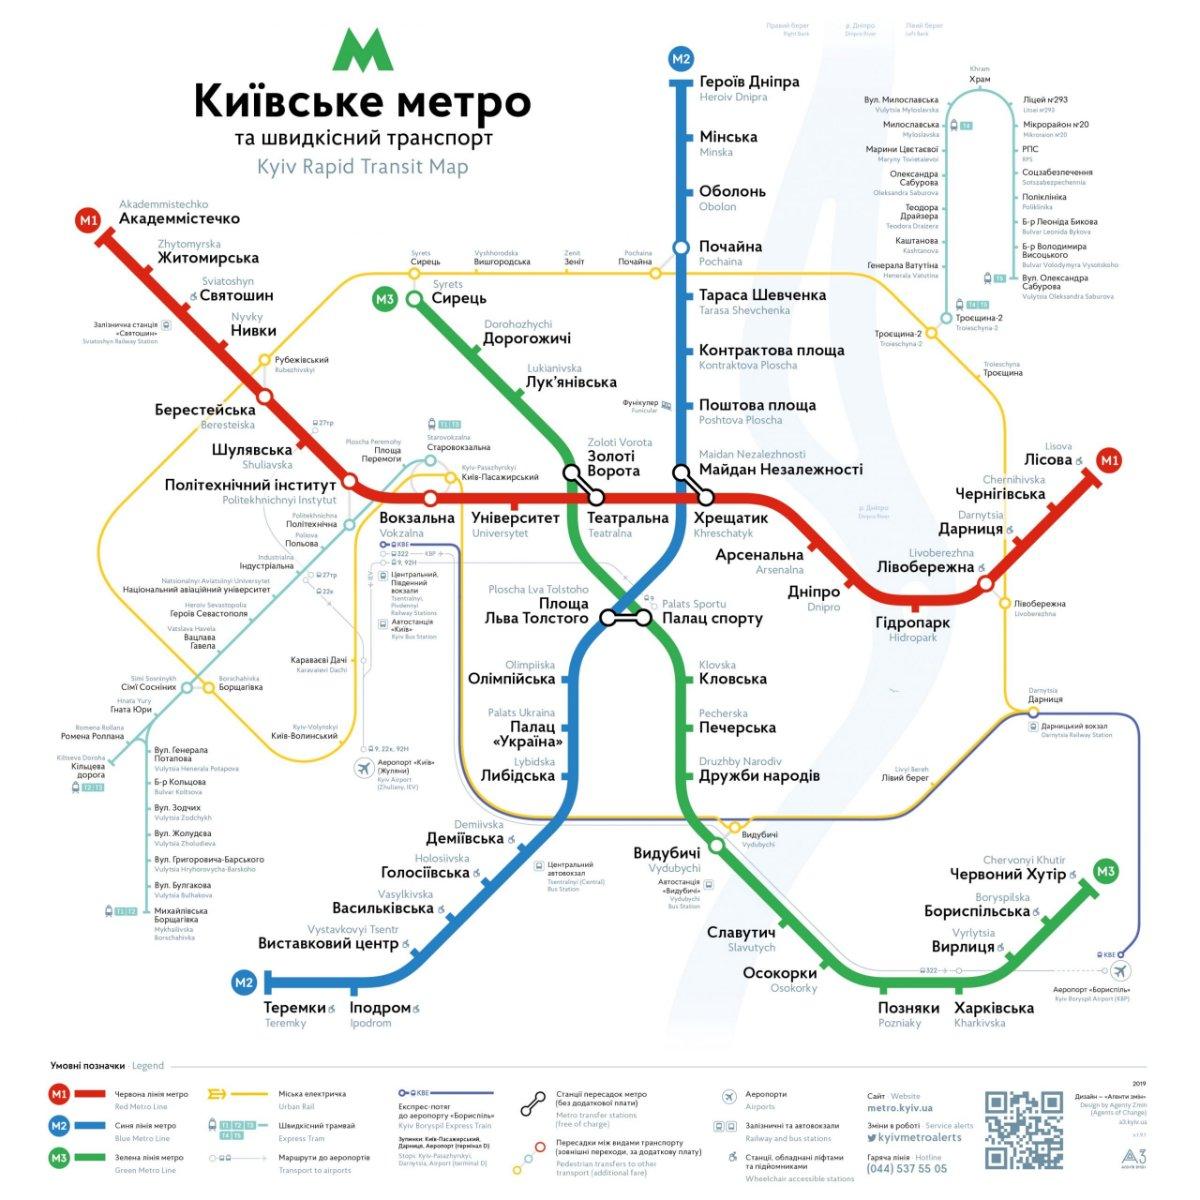 IDMedia Наружная реклама в городе Киев (Киевская область), Метро Digital в городе Киев №238992 схема